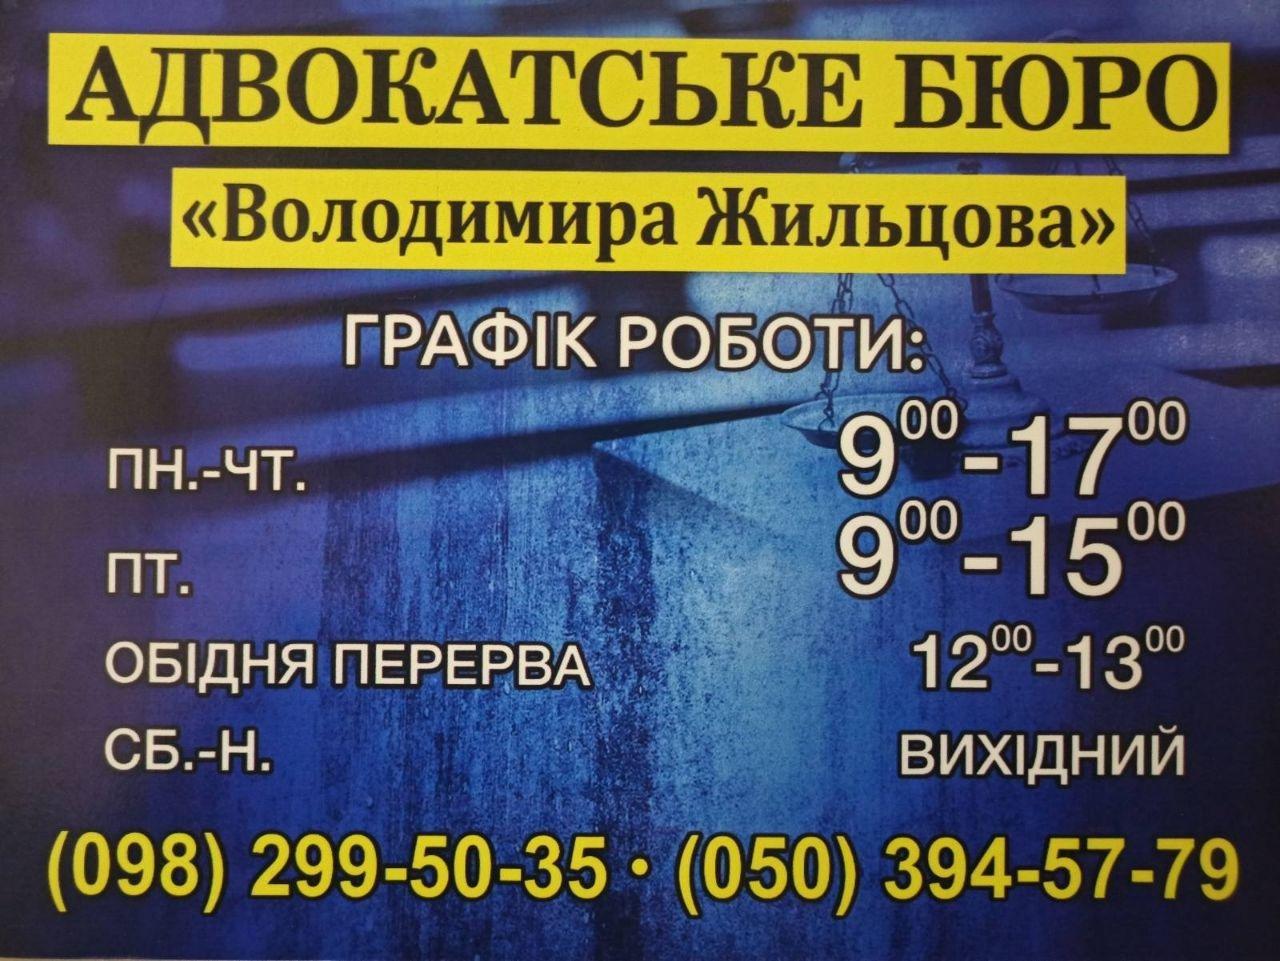 Юридическая и адвокатская помощь в Николаеве , фото-18